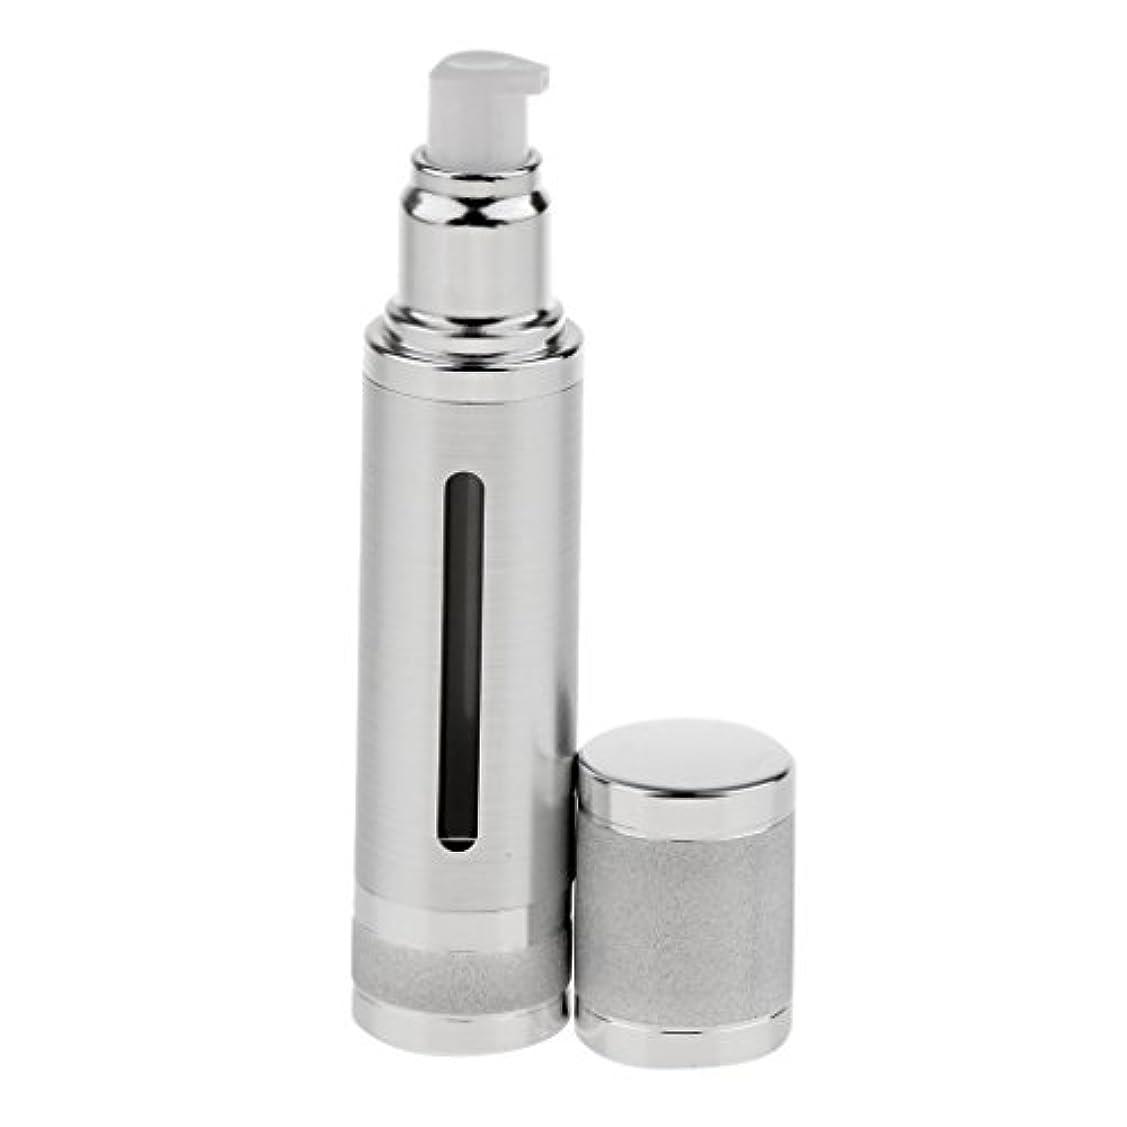 船尾修士号トリッキーエアレスボトル 50ml エアレス ポンプボトル ローション クリーム 化粧品 詰め替え可 容器 2色選べる - 銀